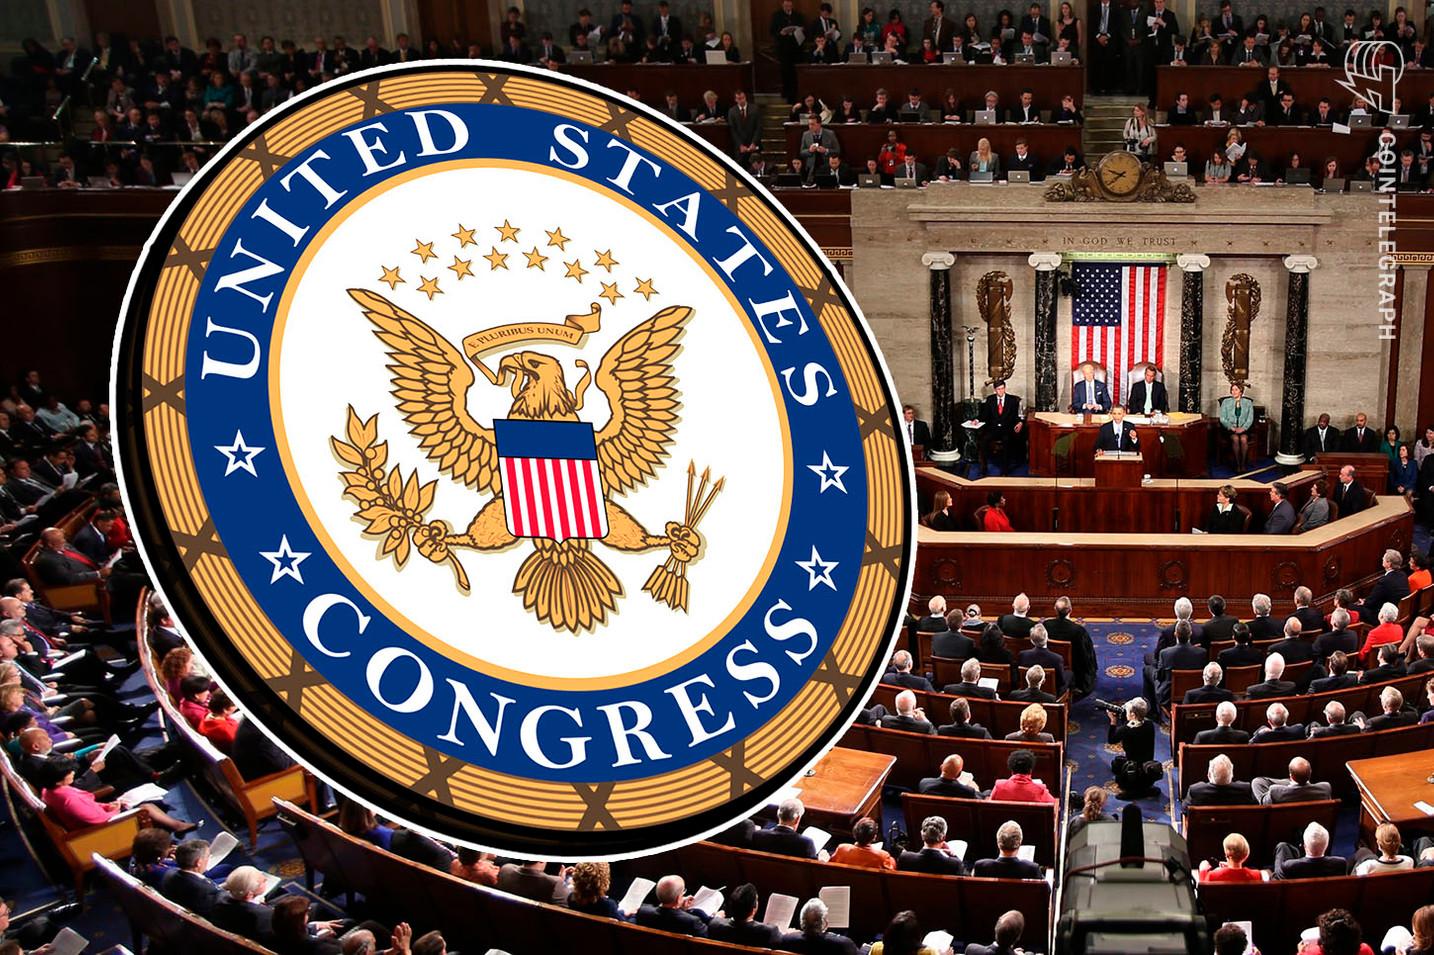 米議員「仮想通貨・ブロックチェーンで世界をリードするべき」 リブラには懸念の声=米上院公聴会